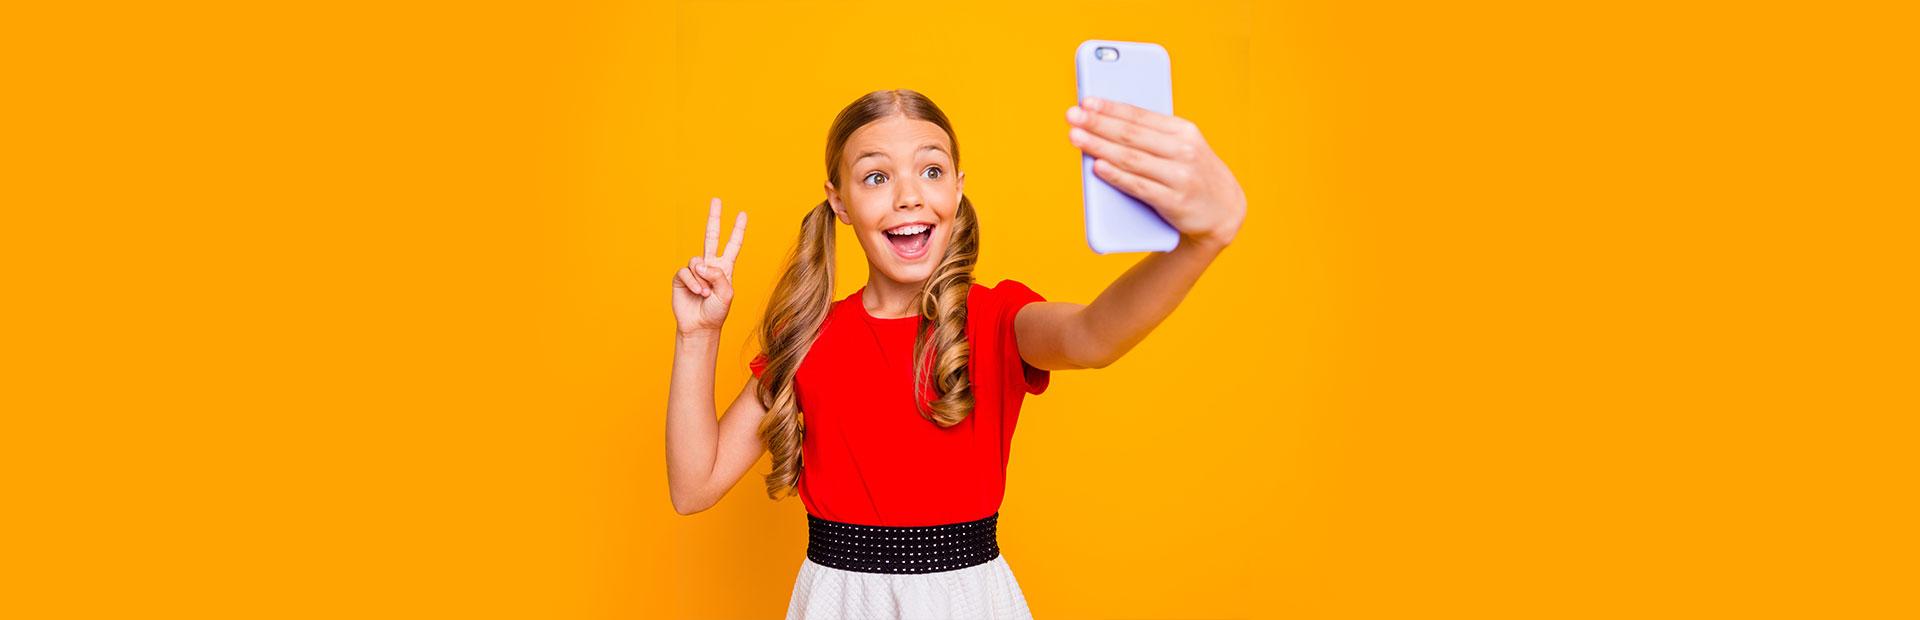 Dzieci YouTube'a iInstagrama: jak zaplanować współpracę zinfluencerem dziecięcym?